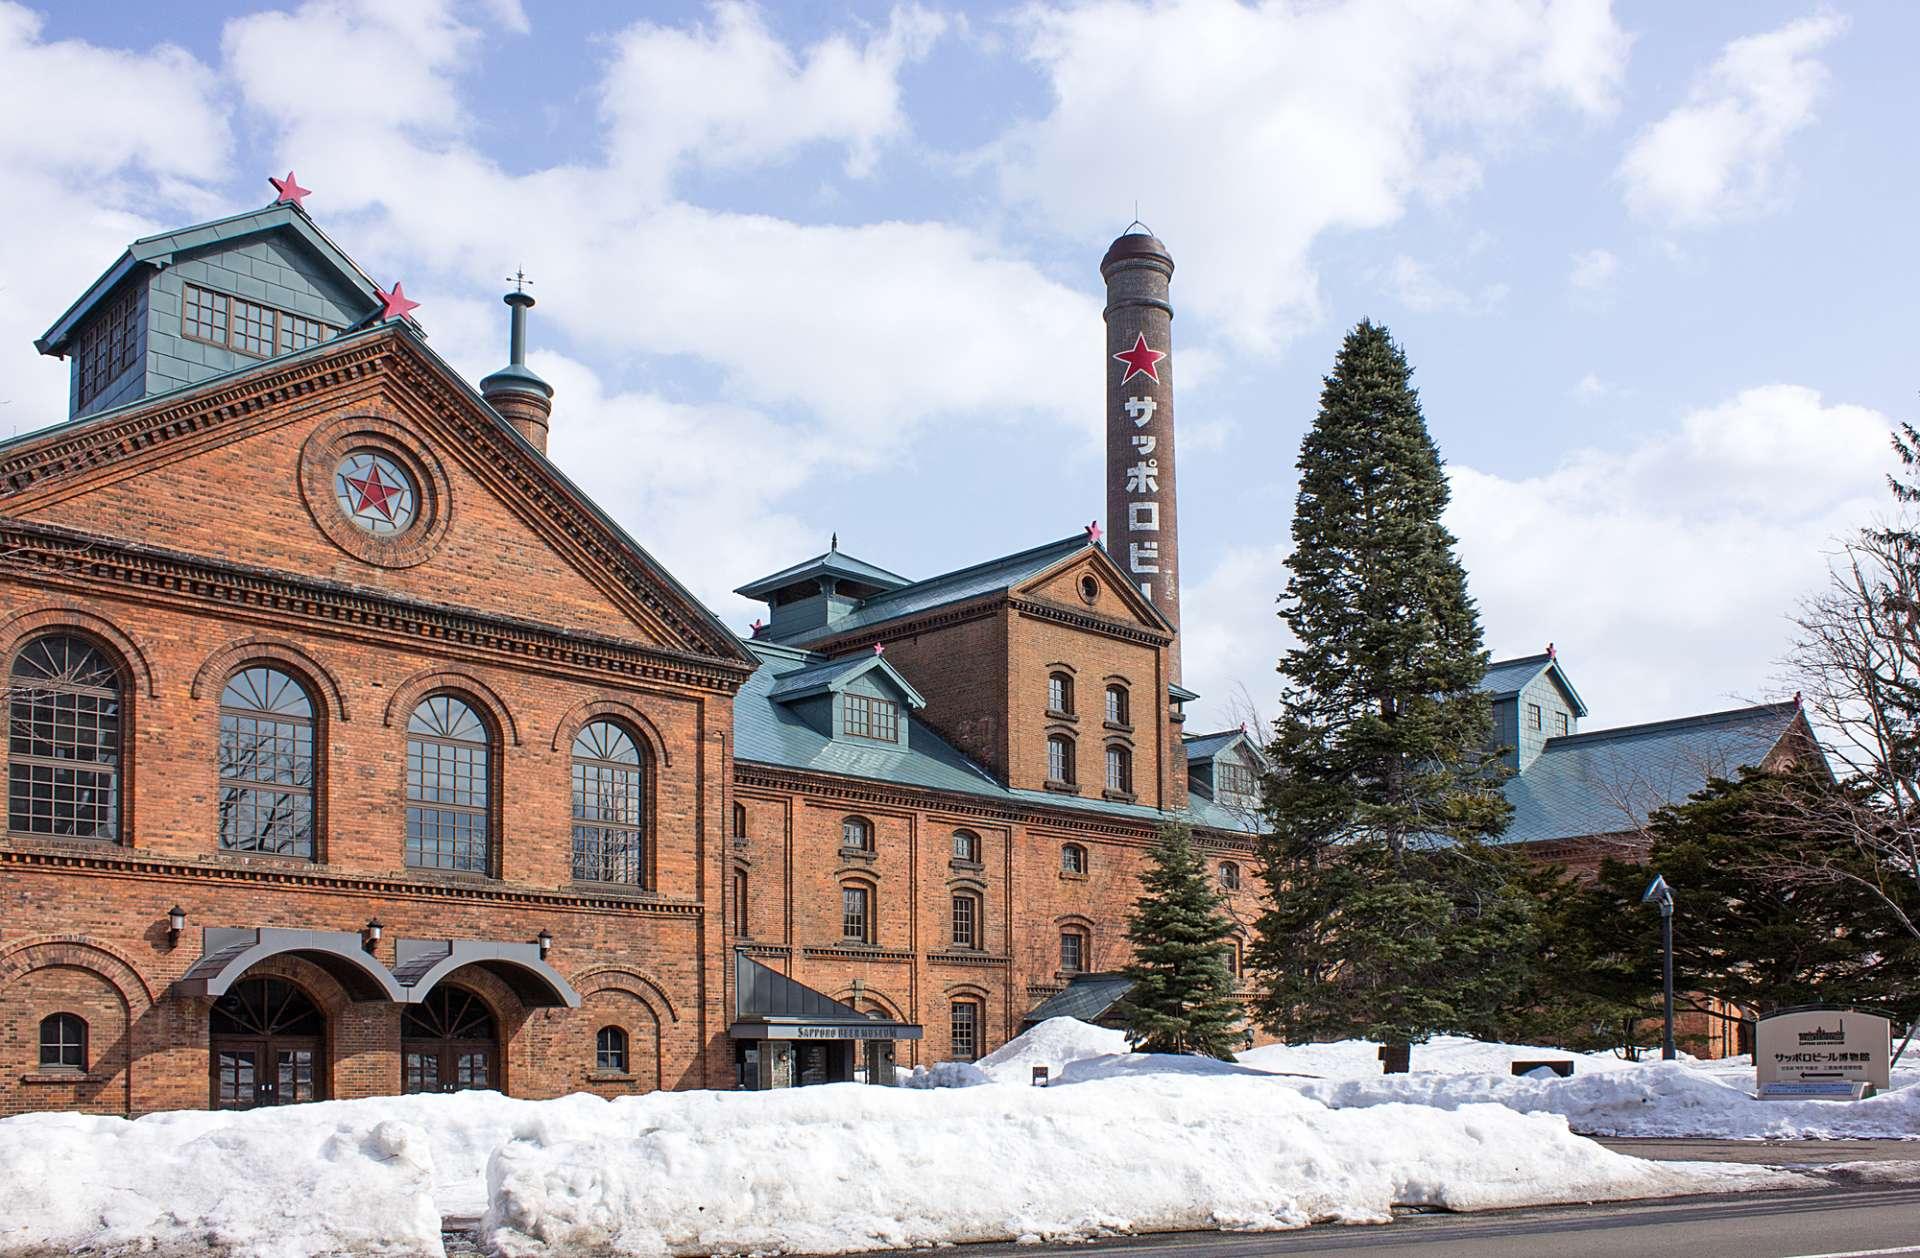 Sapporo Beer Museum Hokkaido, Wisata Sekaligus Tempat Belajar Tentang Bir di Jepang